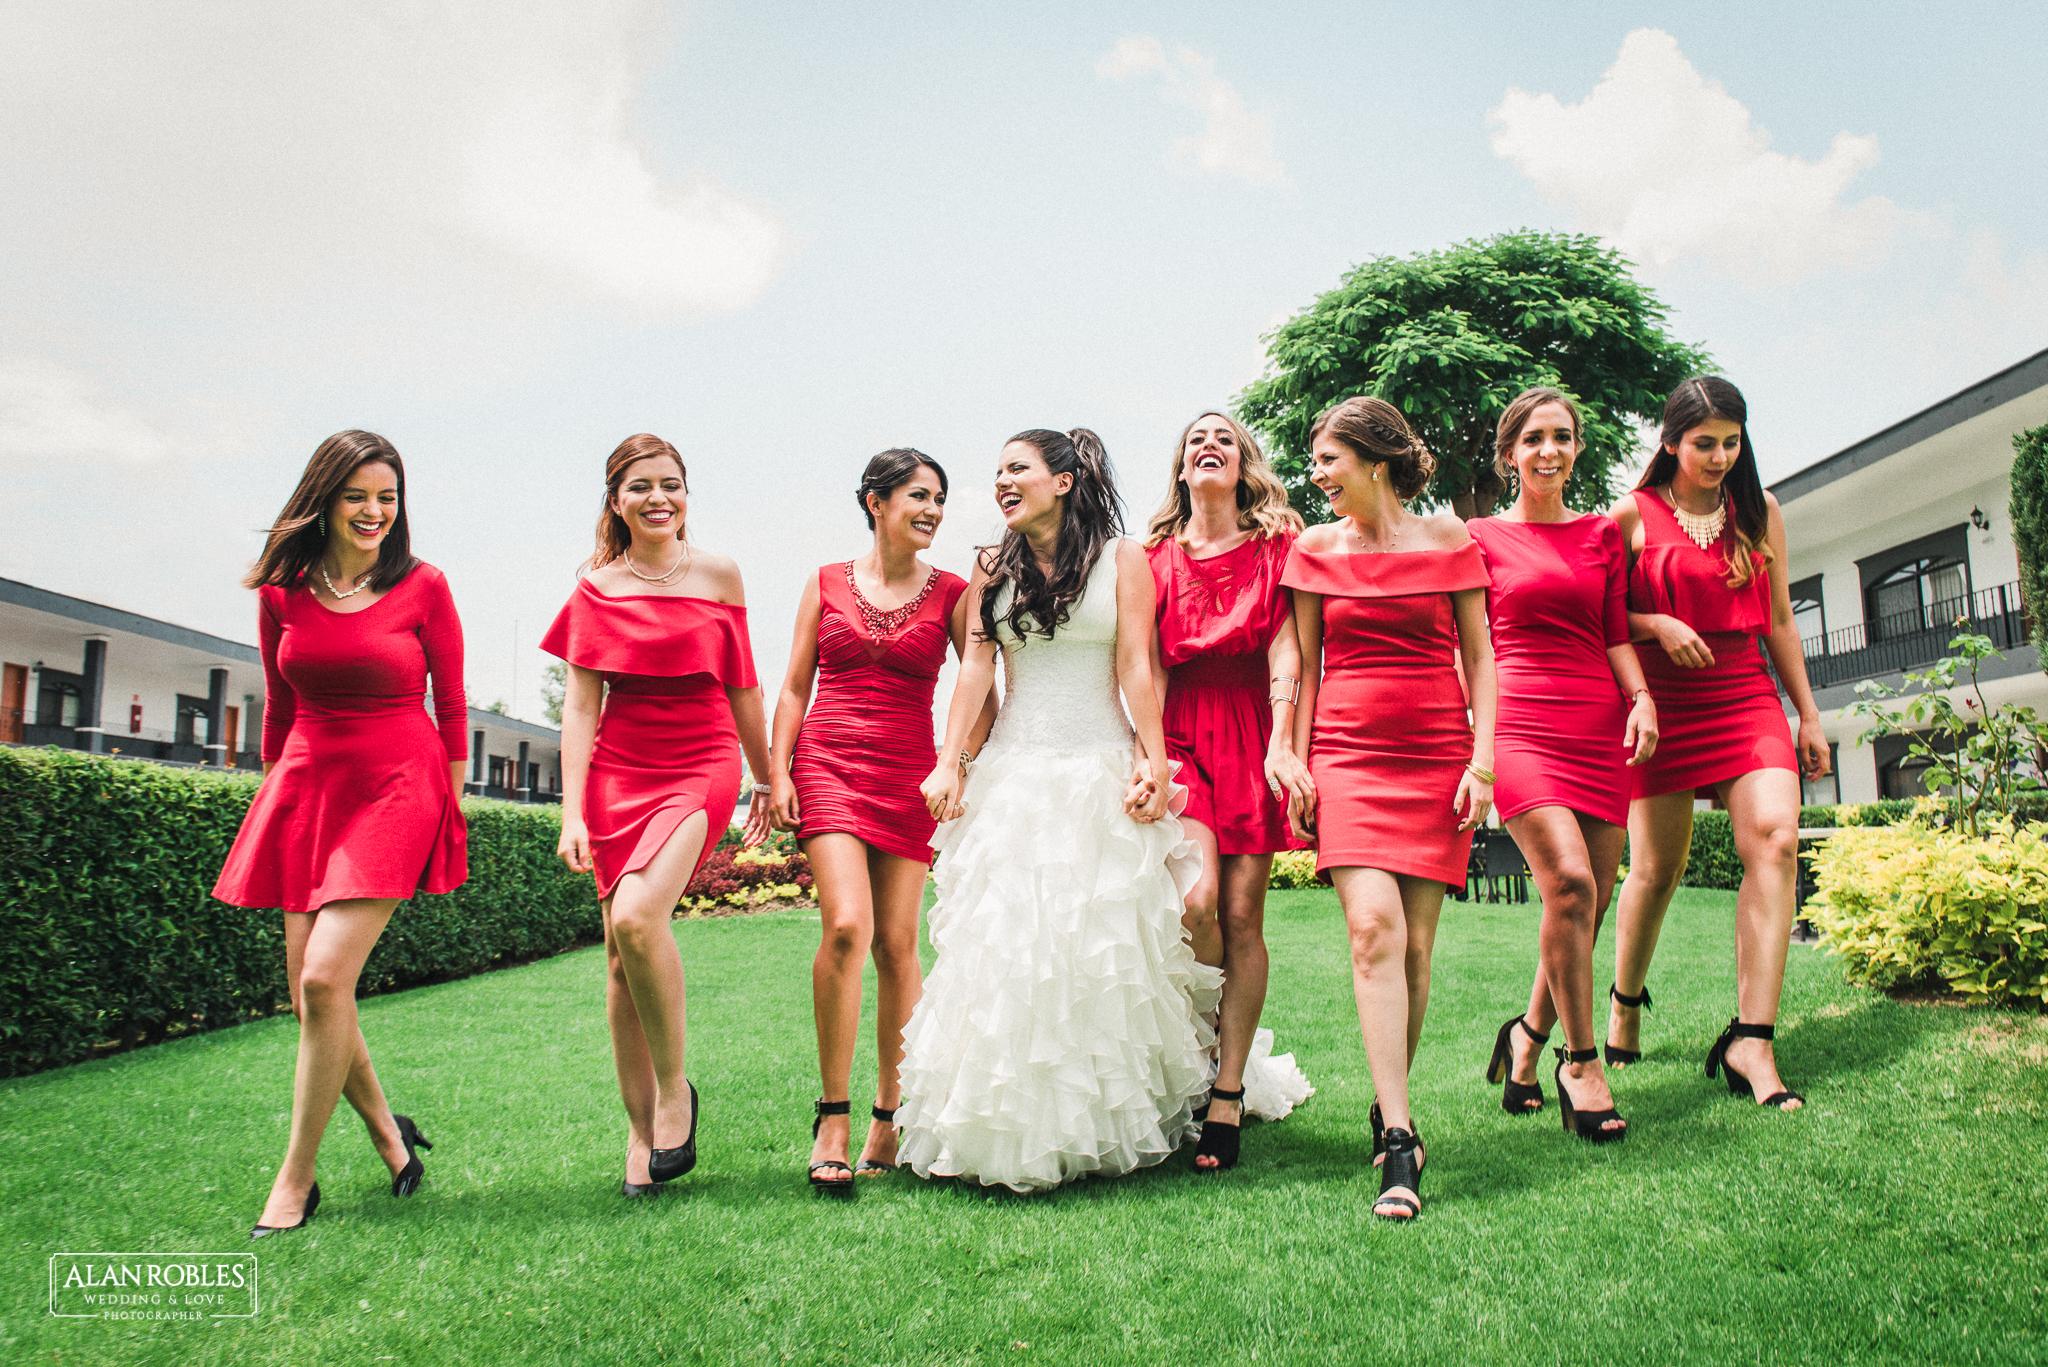 Novia y damas de honor con vestido rojo. Mejores fotos de boda. Fotos divertidas con damas de honor. Alan Robles Fotografo de bodas.